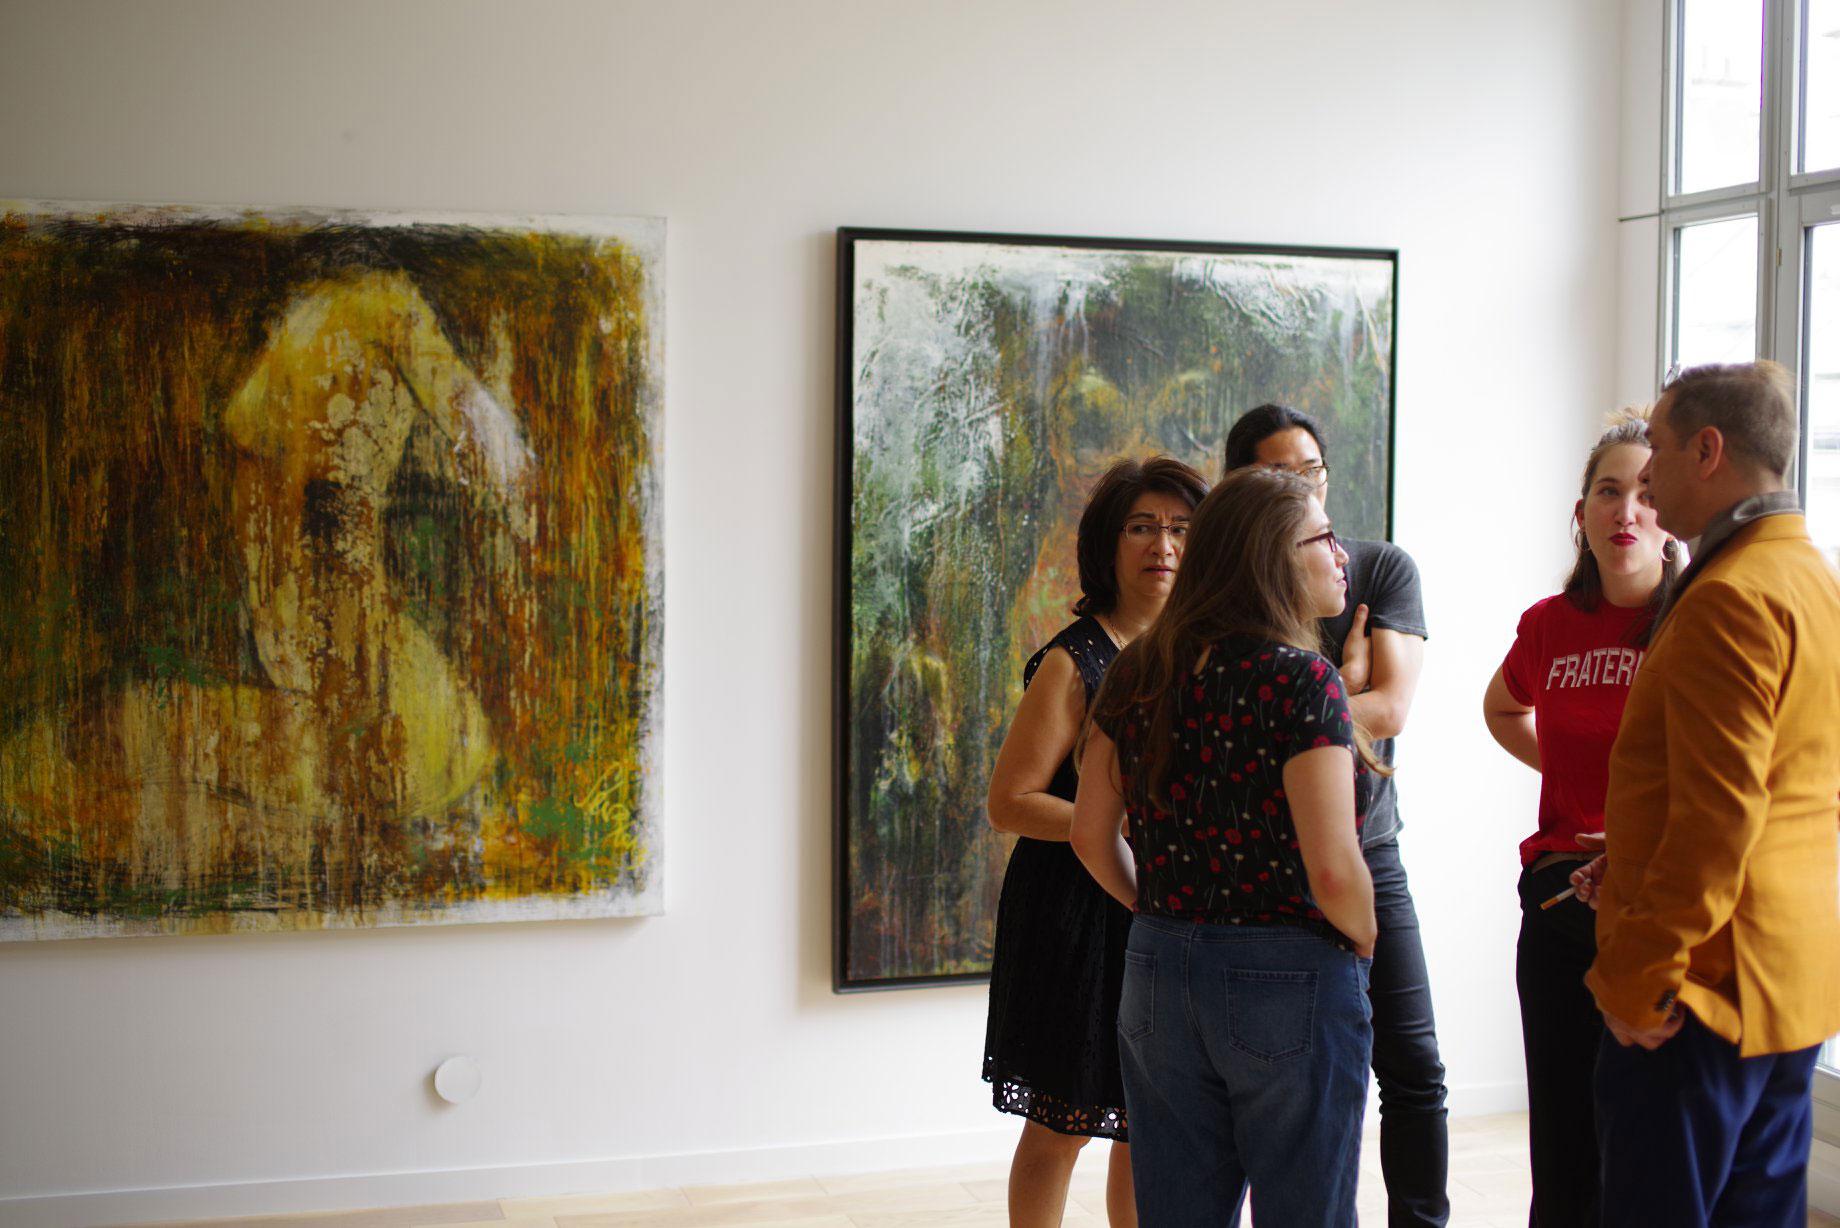 Exhibition: Membres fantômes by Séra at 15 curiosity + experiences